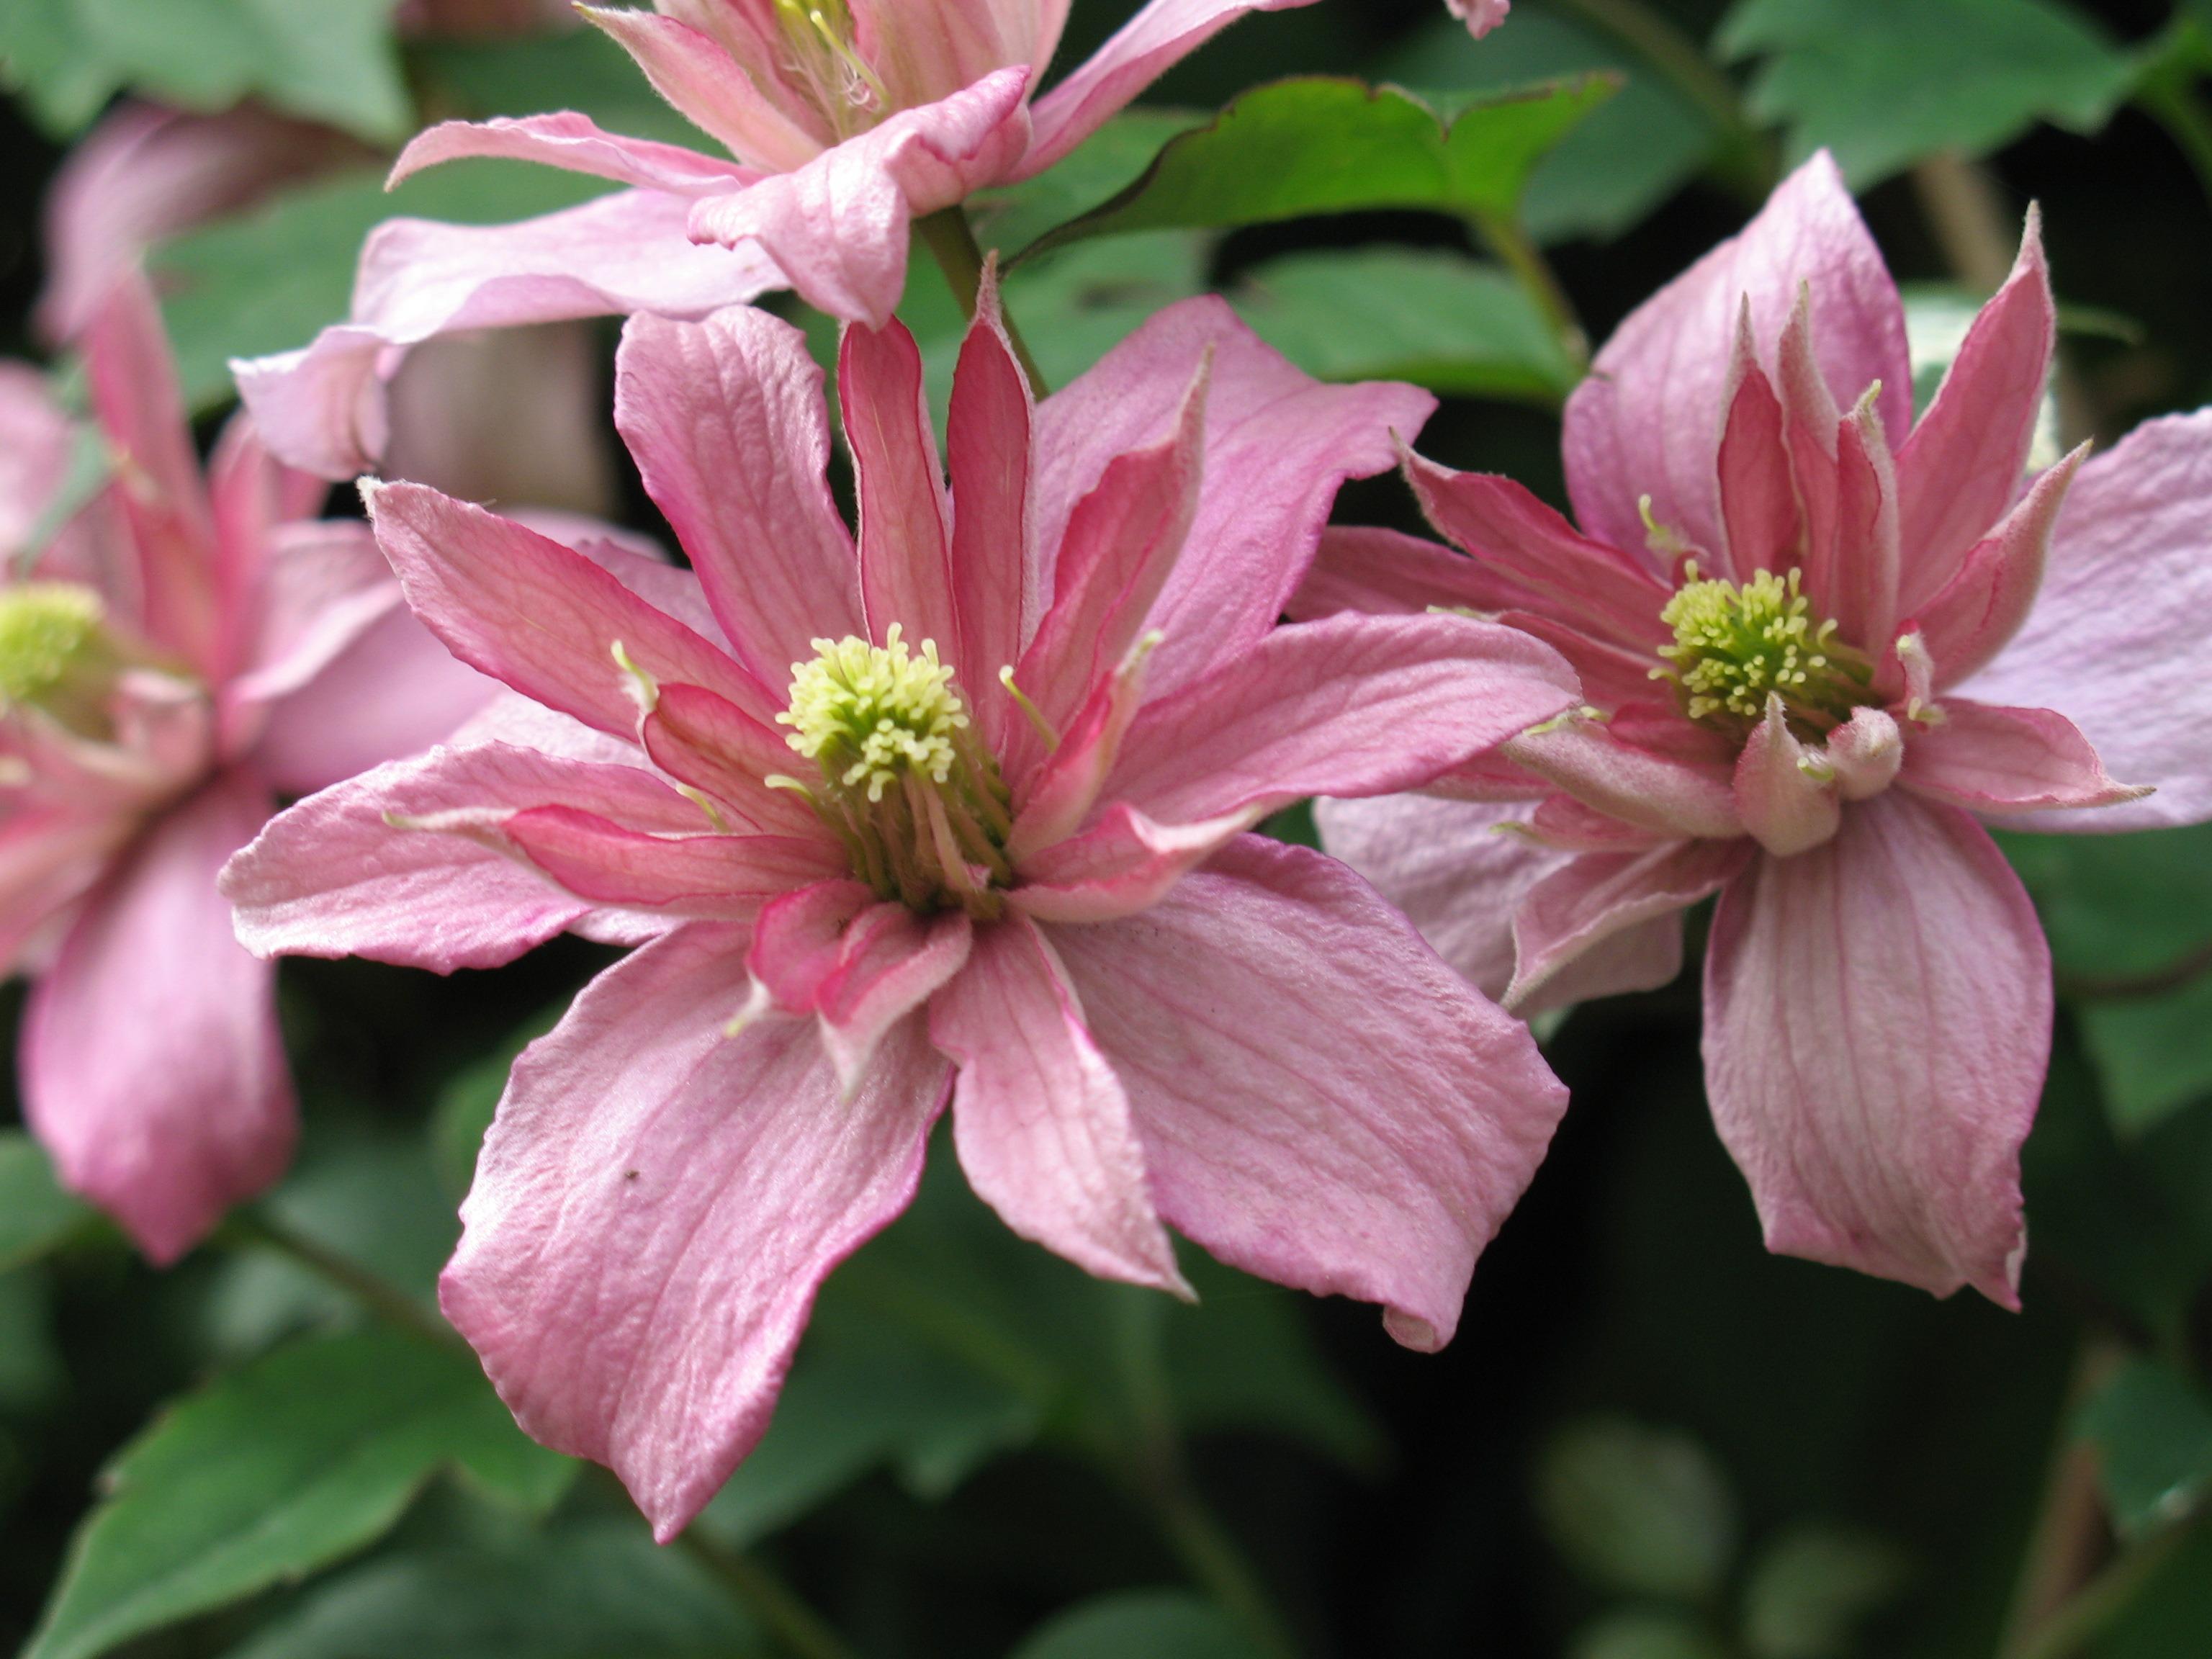 Free Images Blossom Flower Petal Spring Botany Pink Flora